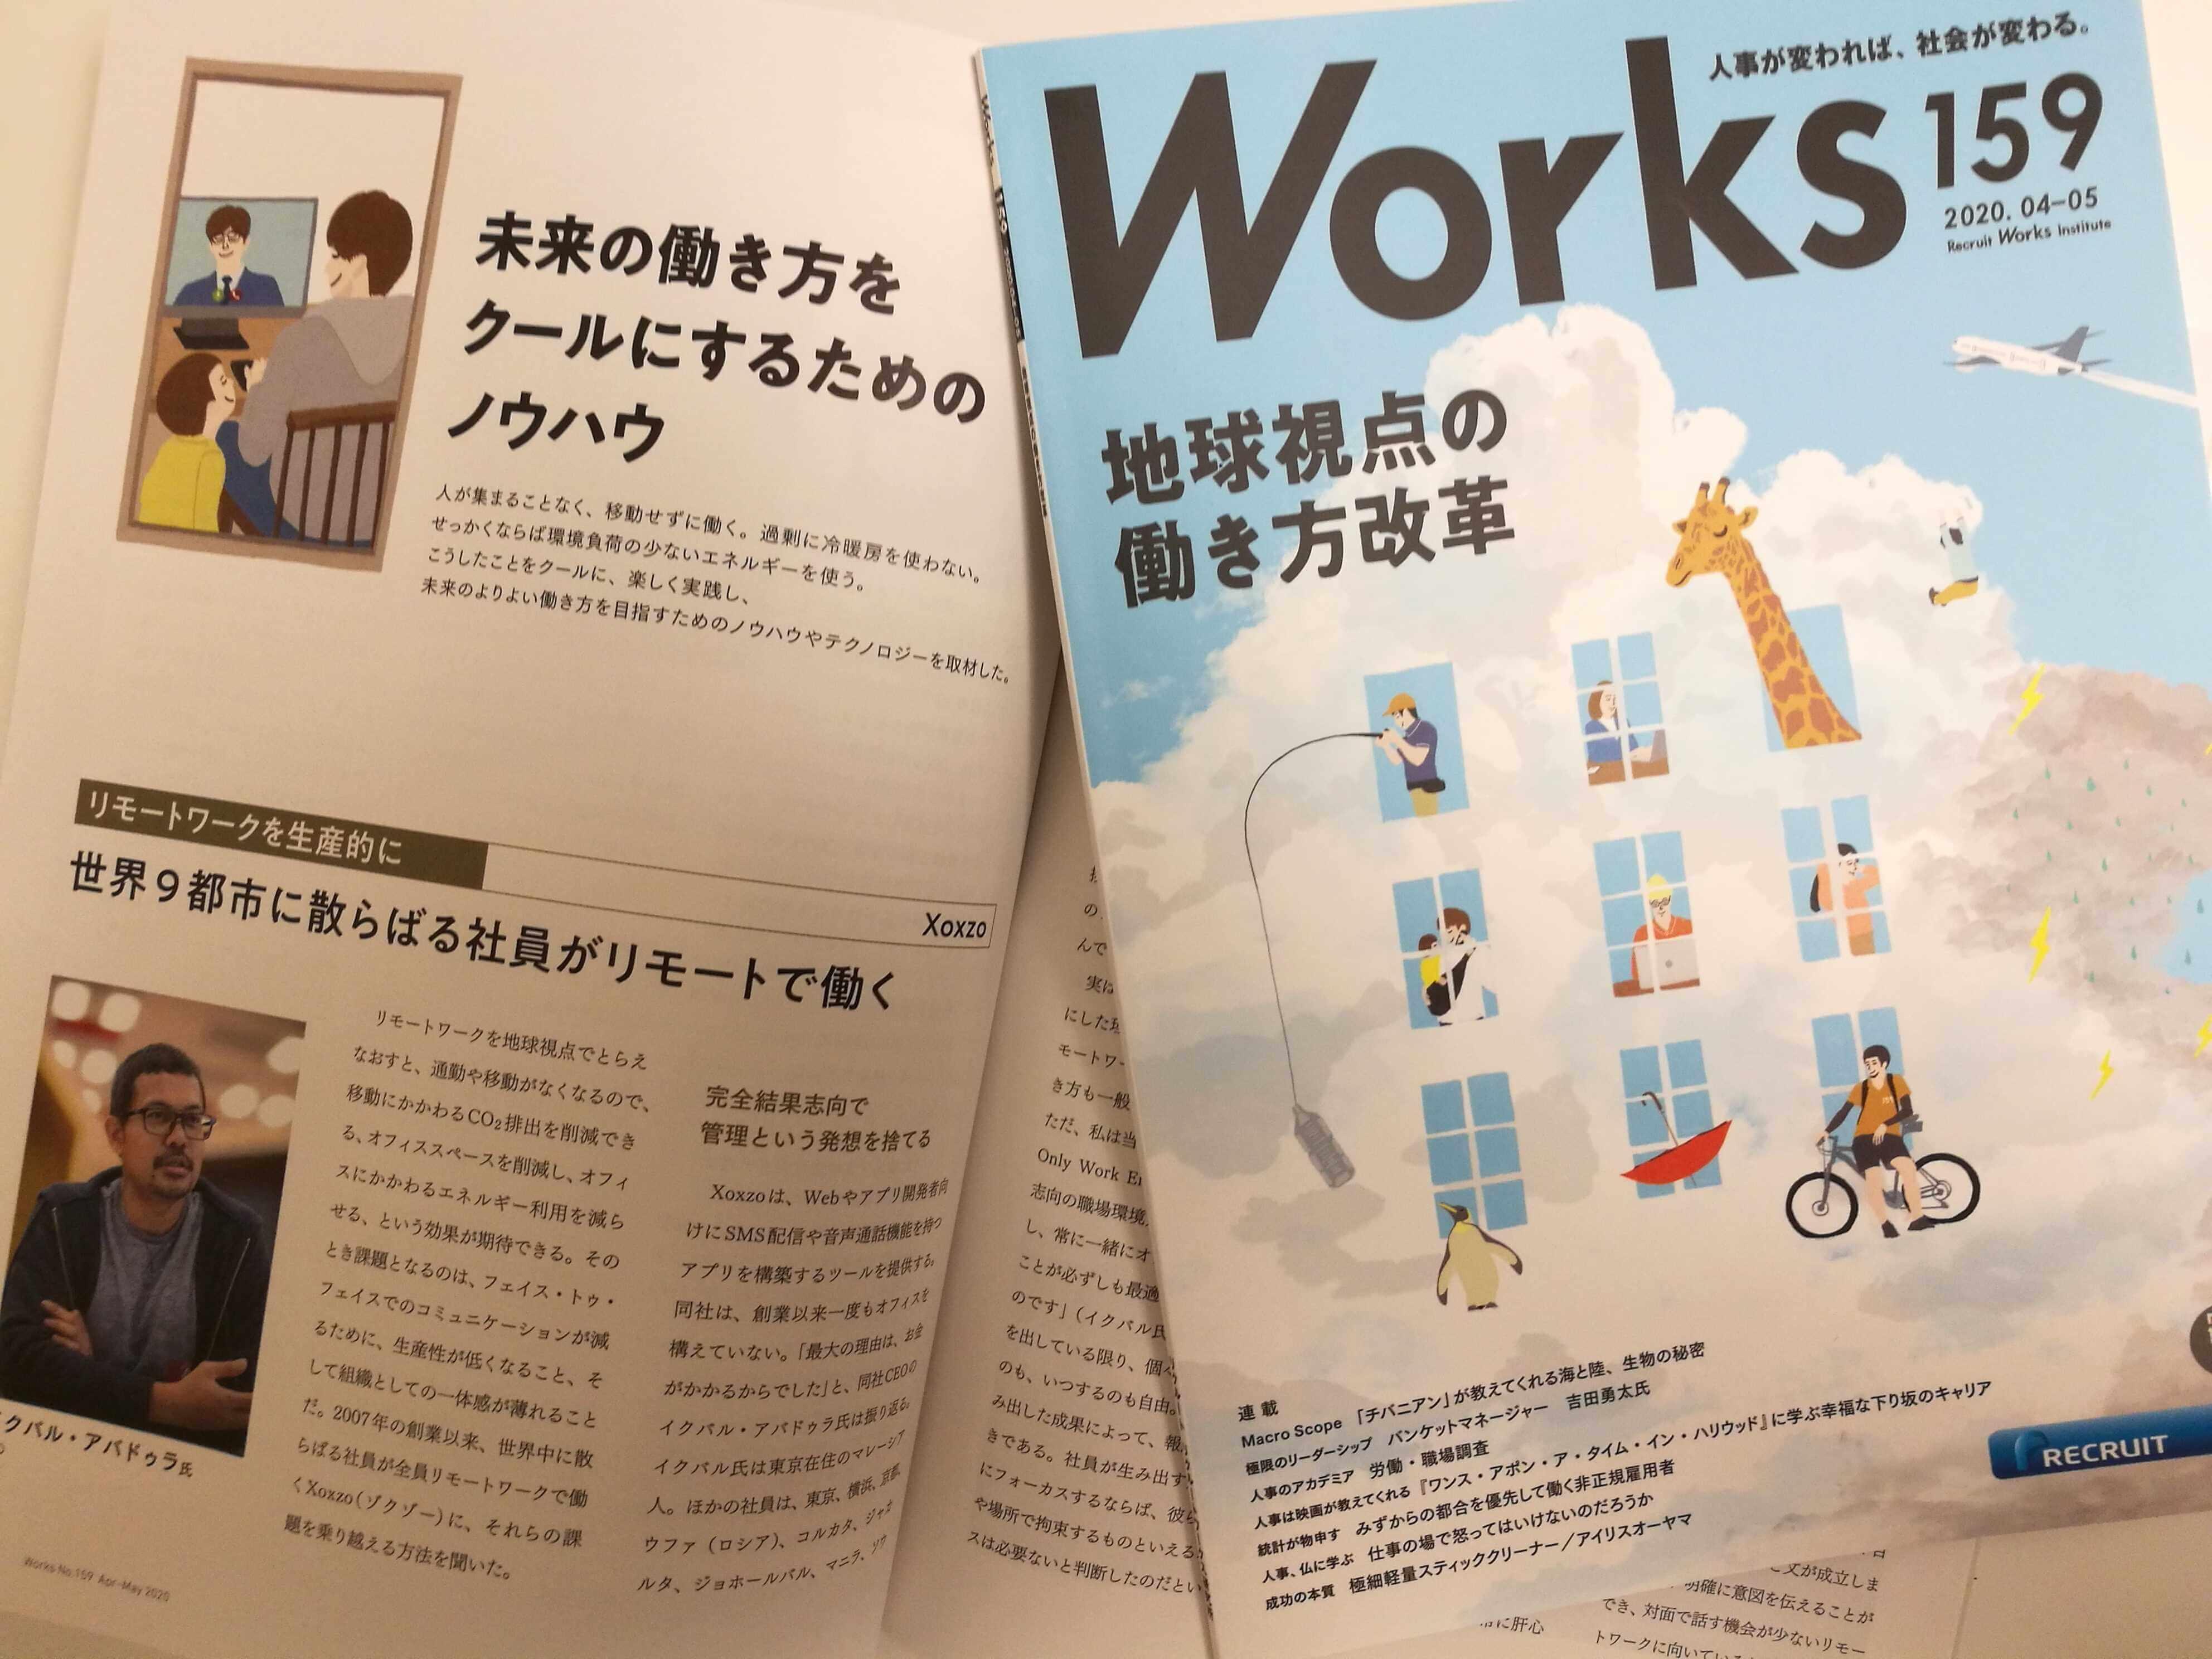 リクルートワークス研究所が発行する【Works】